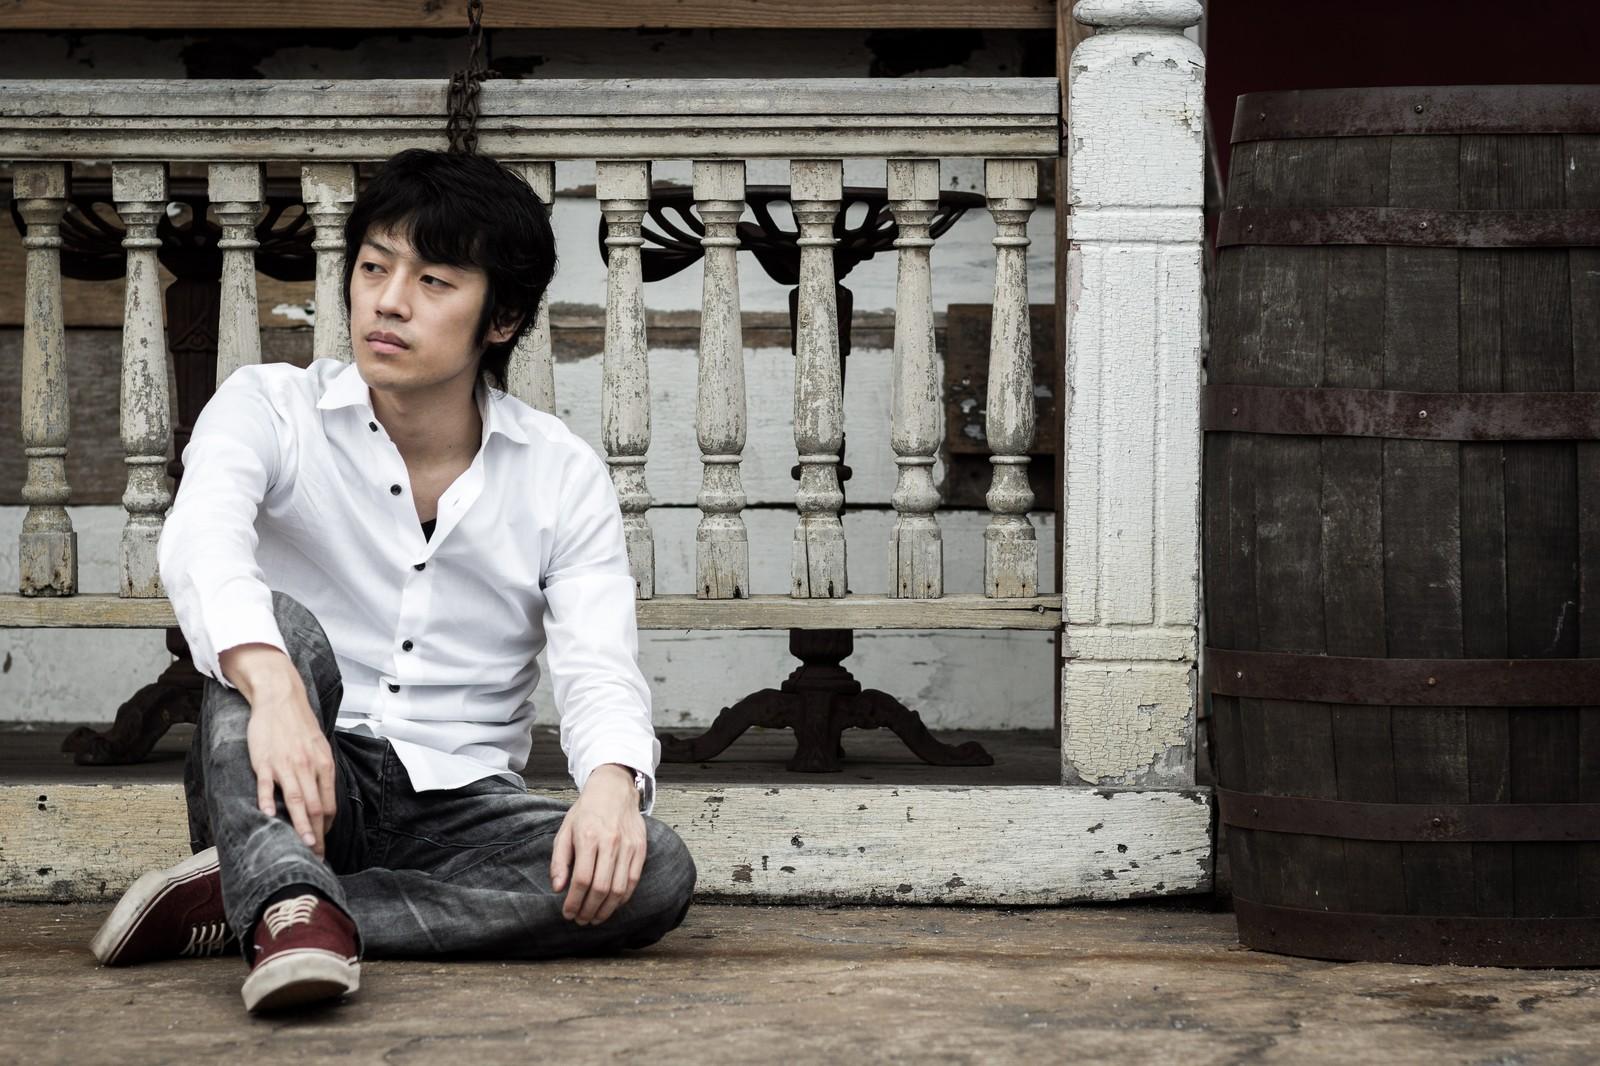 孝太郎 結婚 相手 小泉 【2020】小泉孝太郎の歴代彼女は5人 時系列順にまとめてみた!